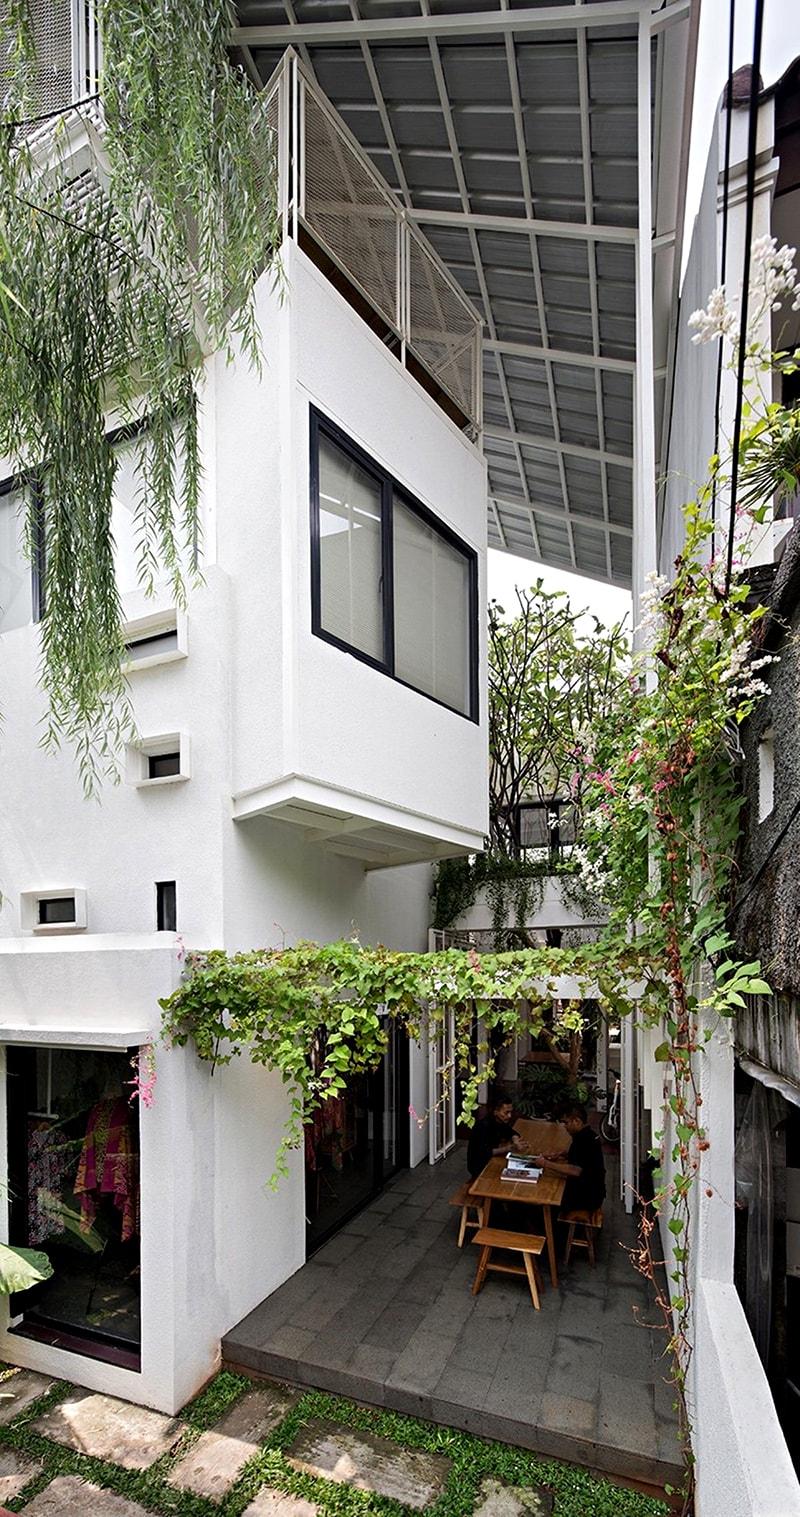 Gia Phap Thiet Ke Nha Pho Theo Tung Giai Doan (6)